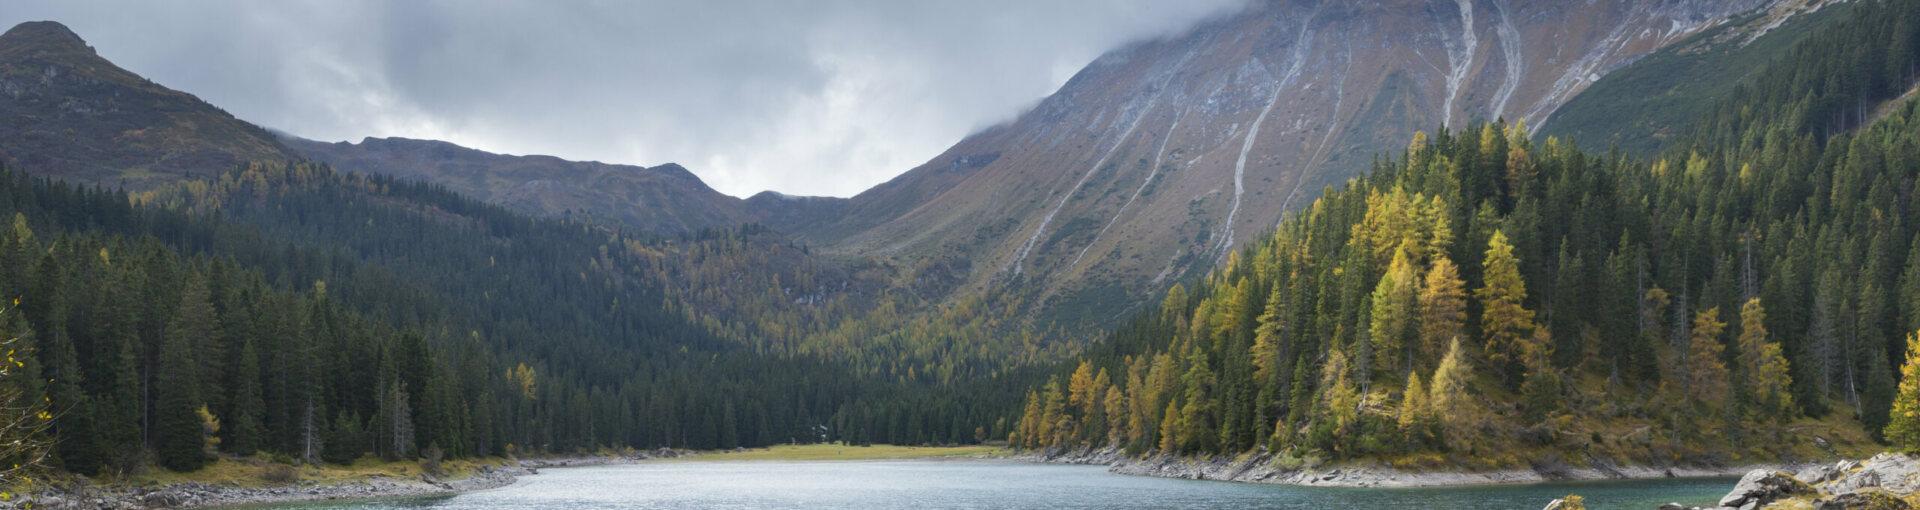 Obernberger See © Mario Webhofer